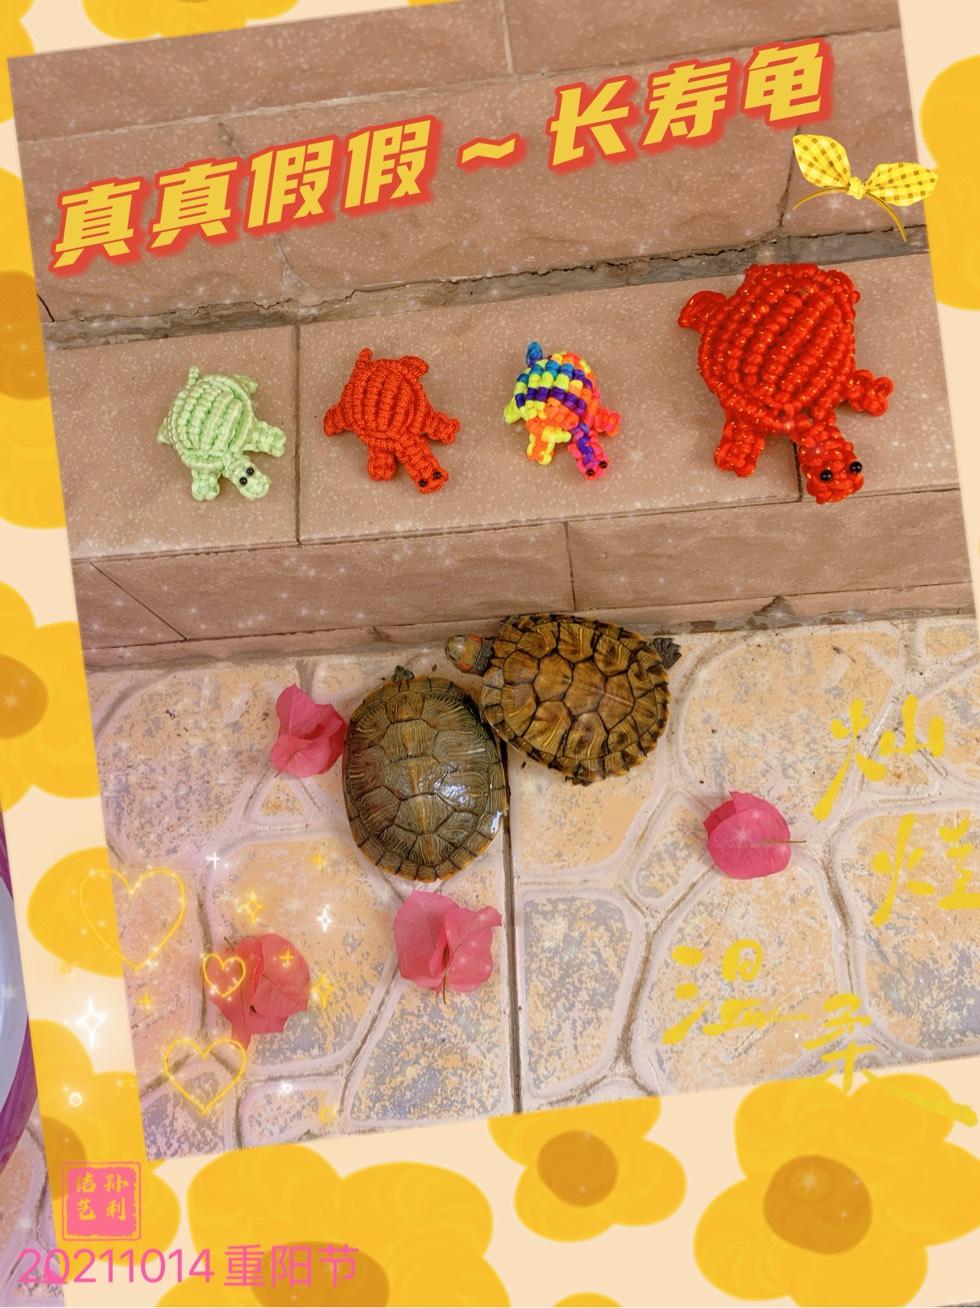 中国结论坛 九九重阳节,长寿龟 九九重阳节诗,九九重阳节手抄报模板,长寿龟吃什么,九九重阳节祝福语 作品展示 103833blautjajw4t417ew